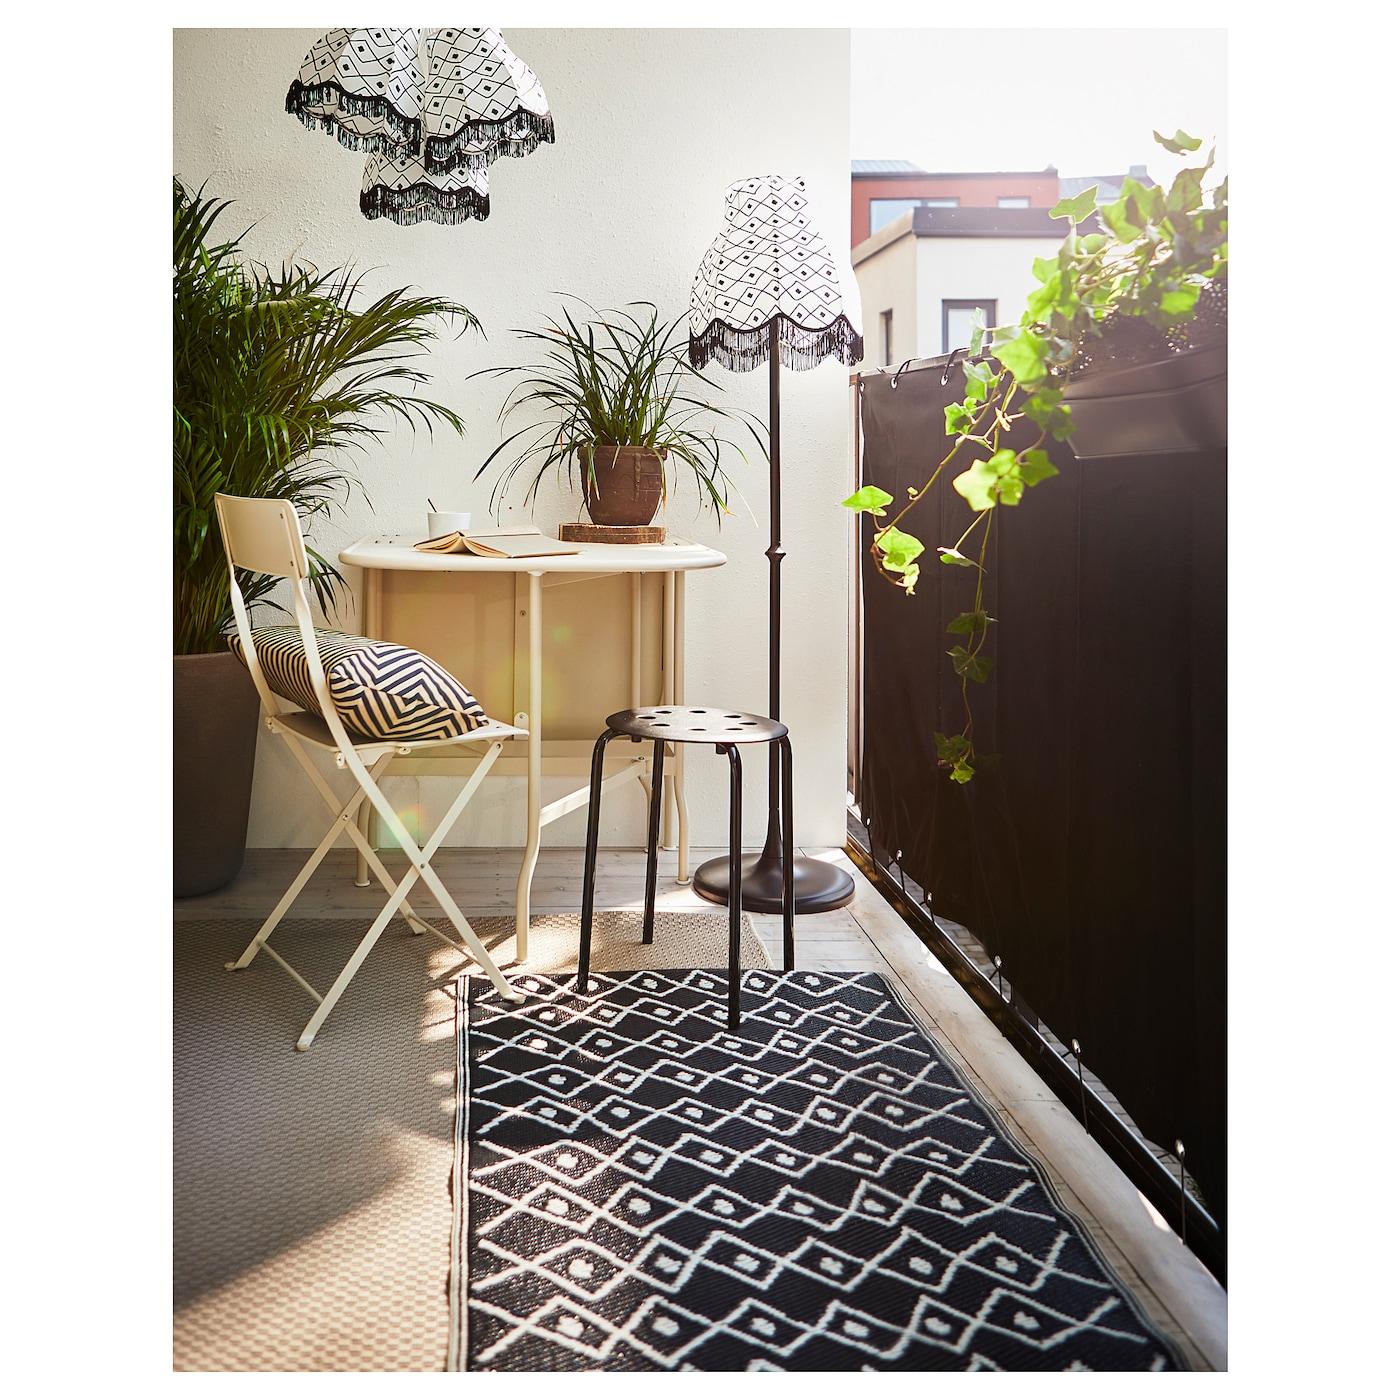 Ikea MARIUS Stool black